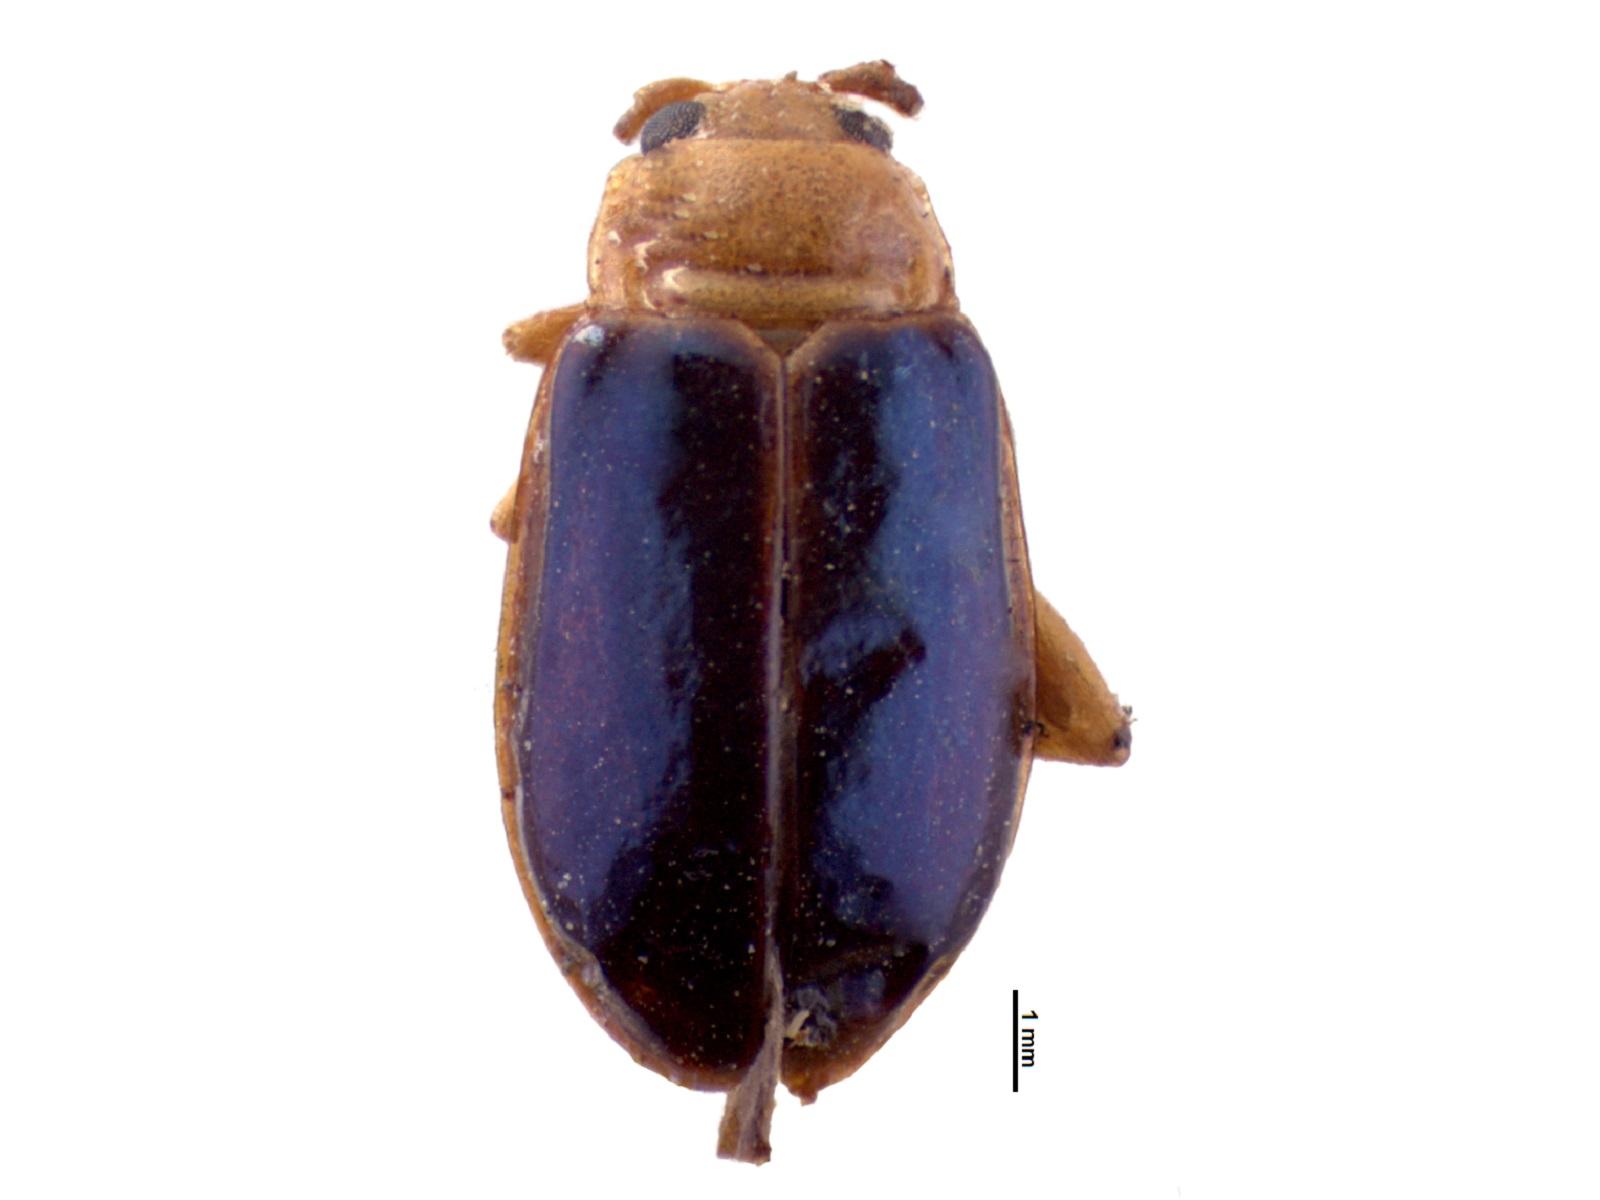 Neodiphaulaca elegans (Harold, 1875)